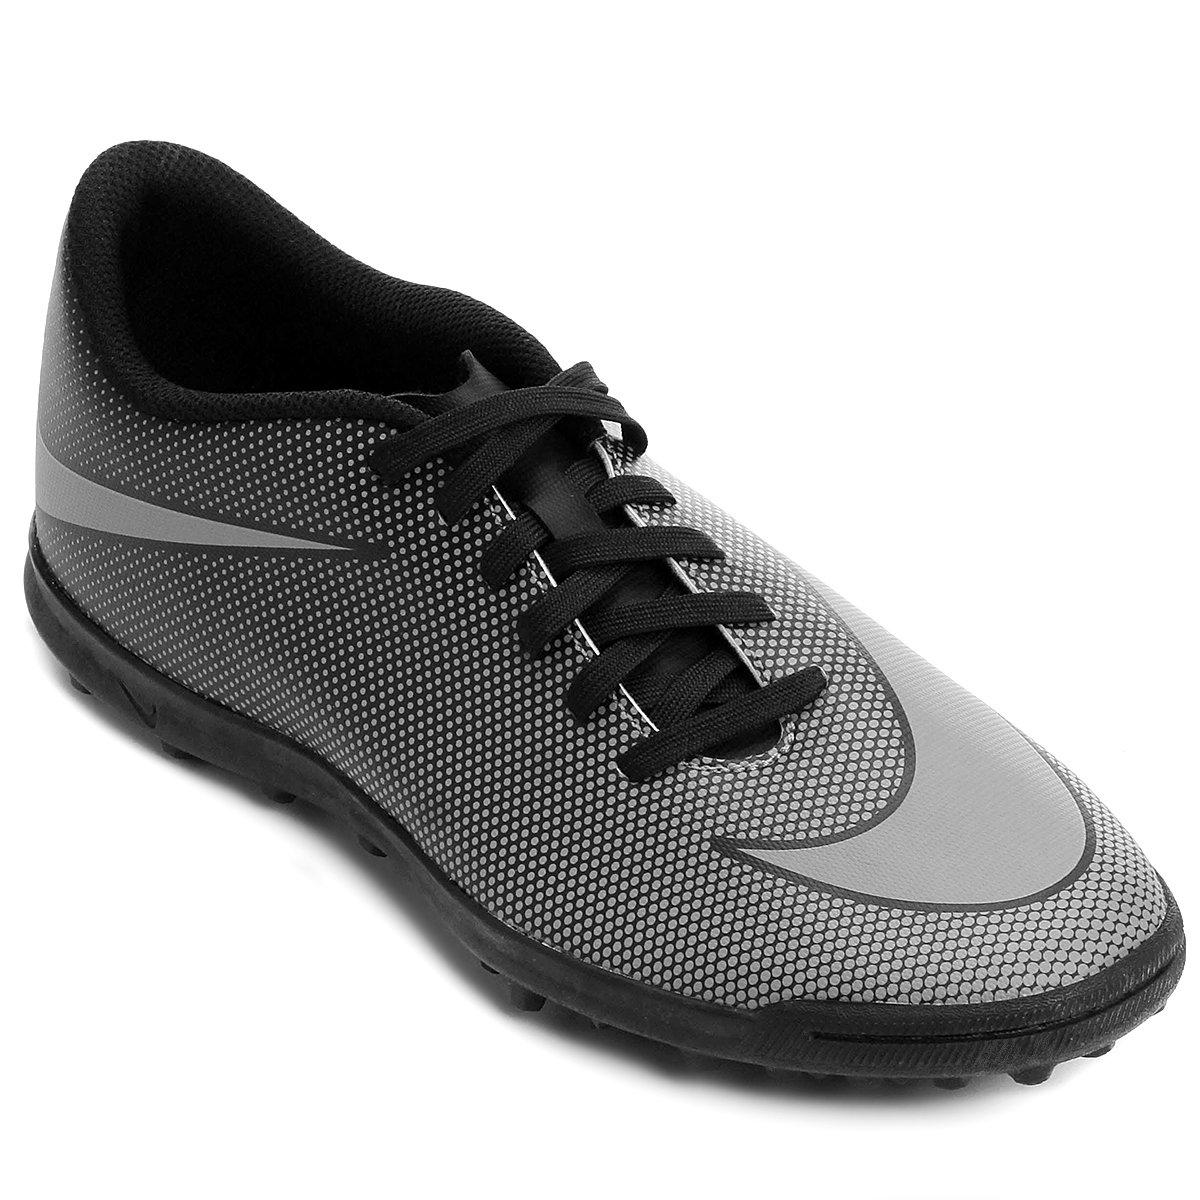 Chuteira Society Nike Bravata 2 TF 13bfd7ad4ac33